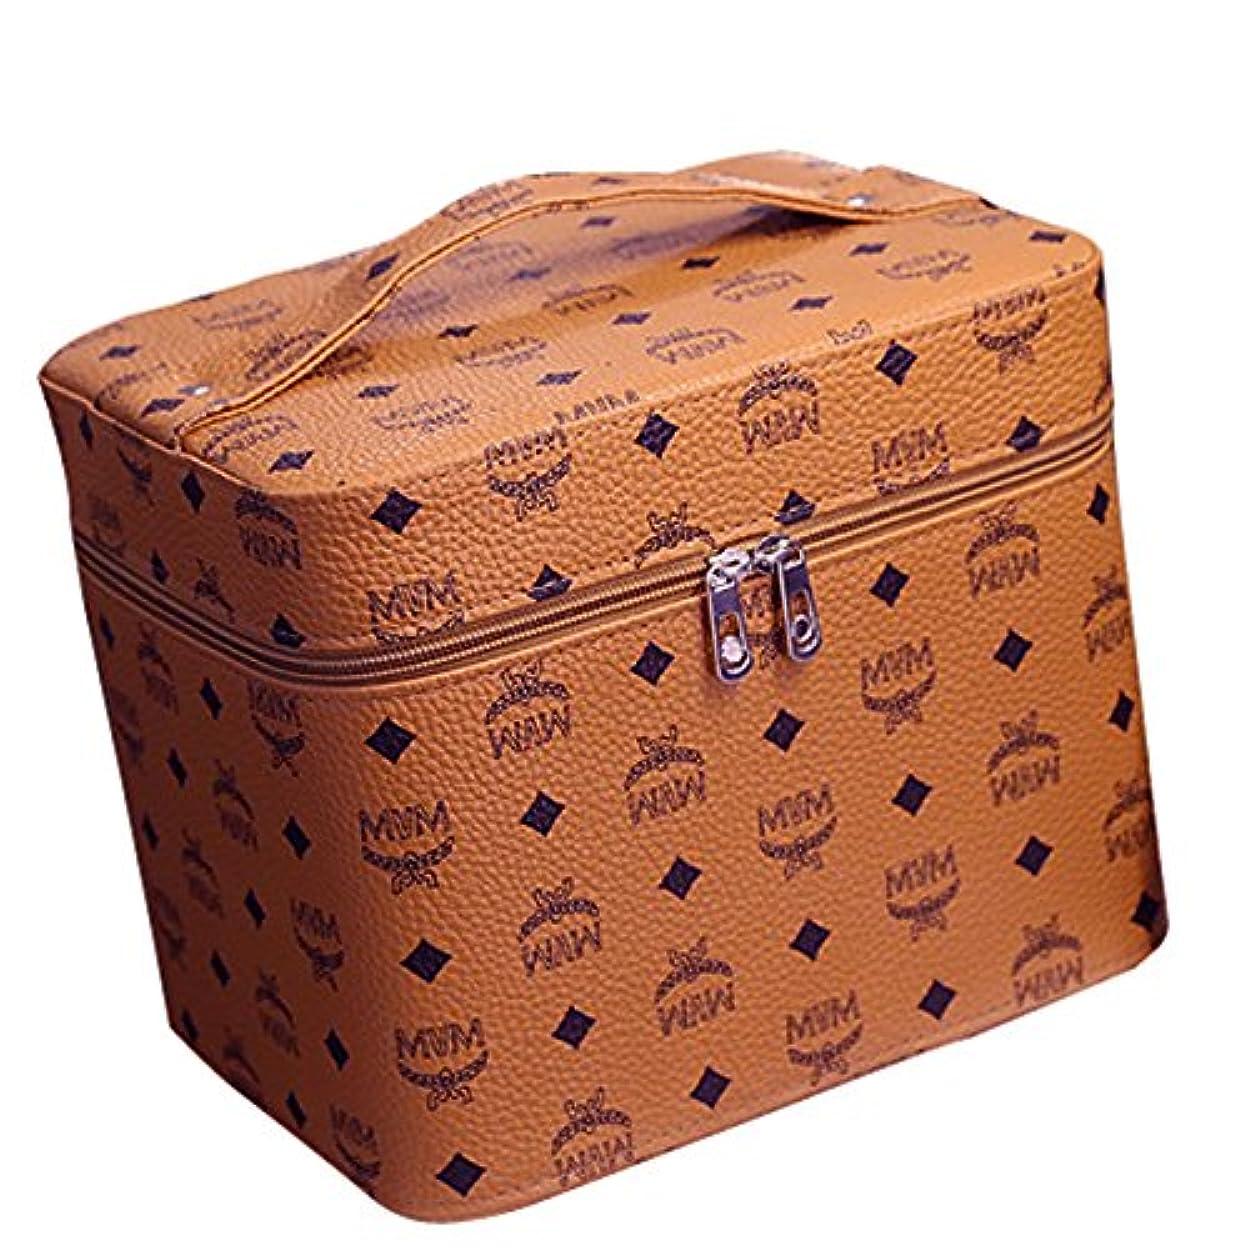 三番財布単なる化粧品収納ボックス コスメボックス コスメ収納ボックス 化粧品入れ レディース ジュエリーボックス 小物 収納 メイクボックス (ブラウン)